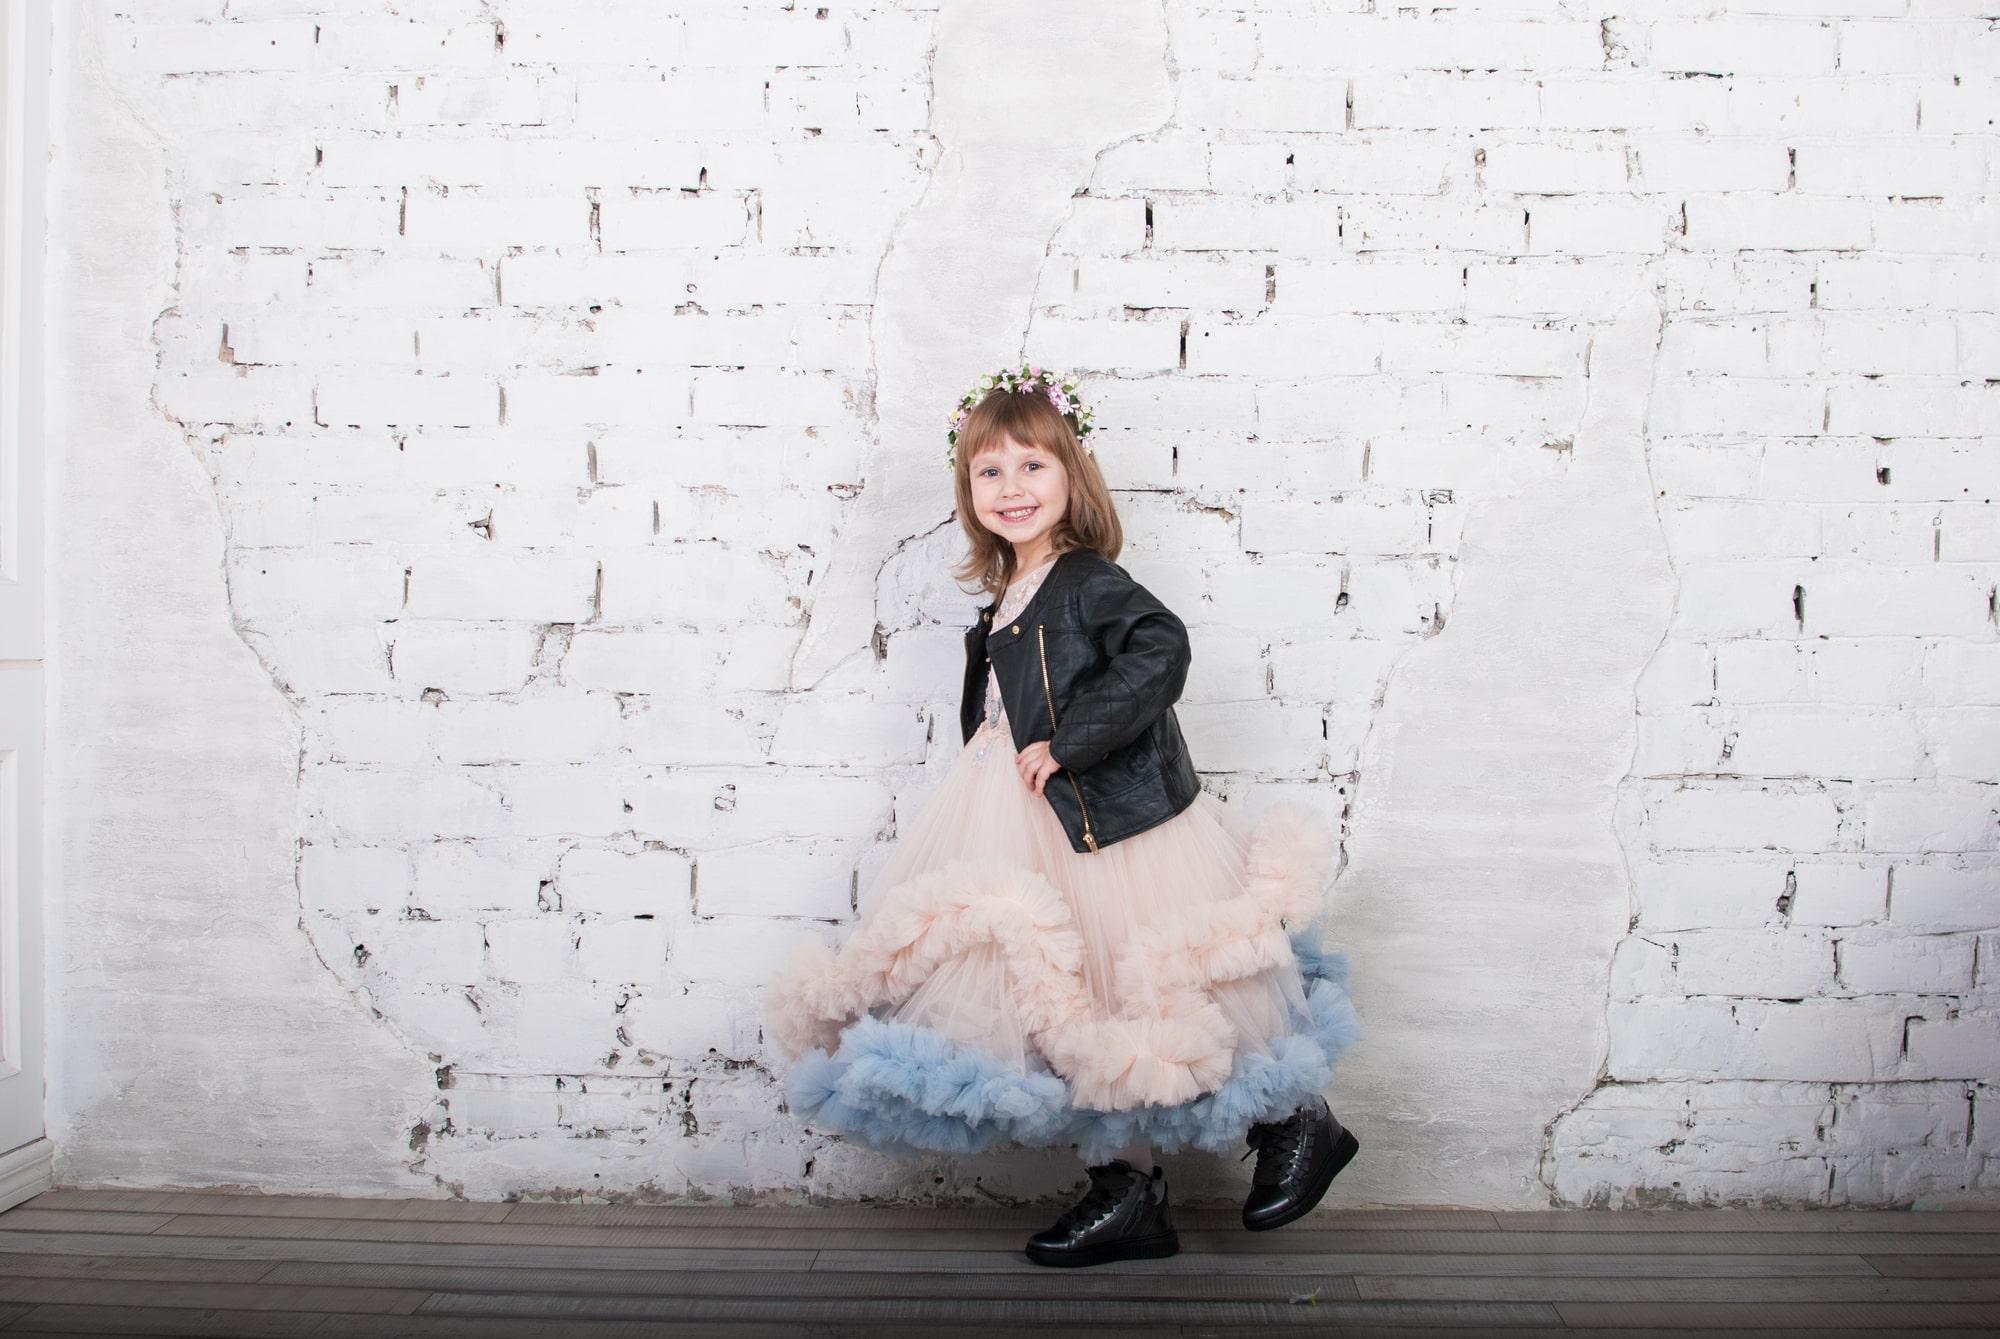 Детская фотосессия Сандры в студии Фаворе